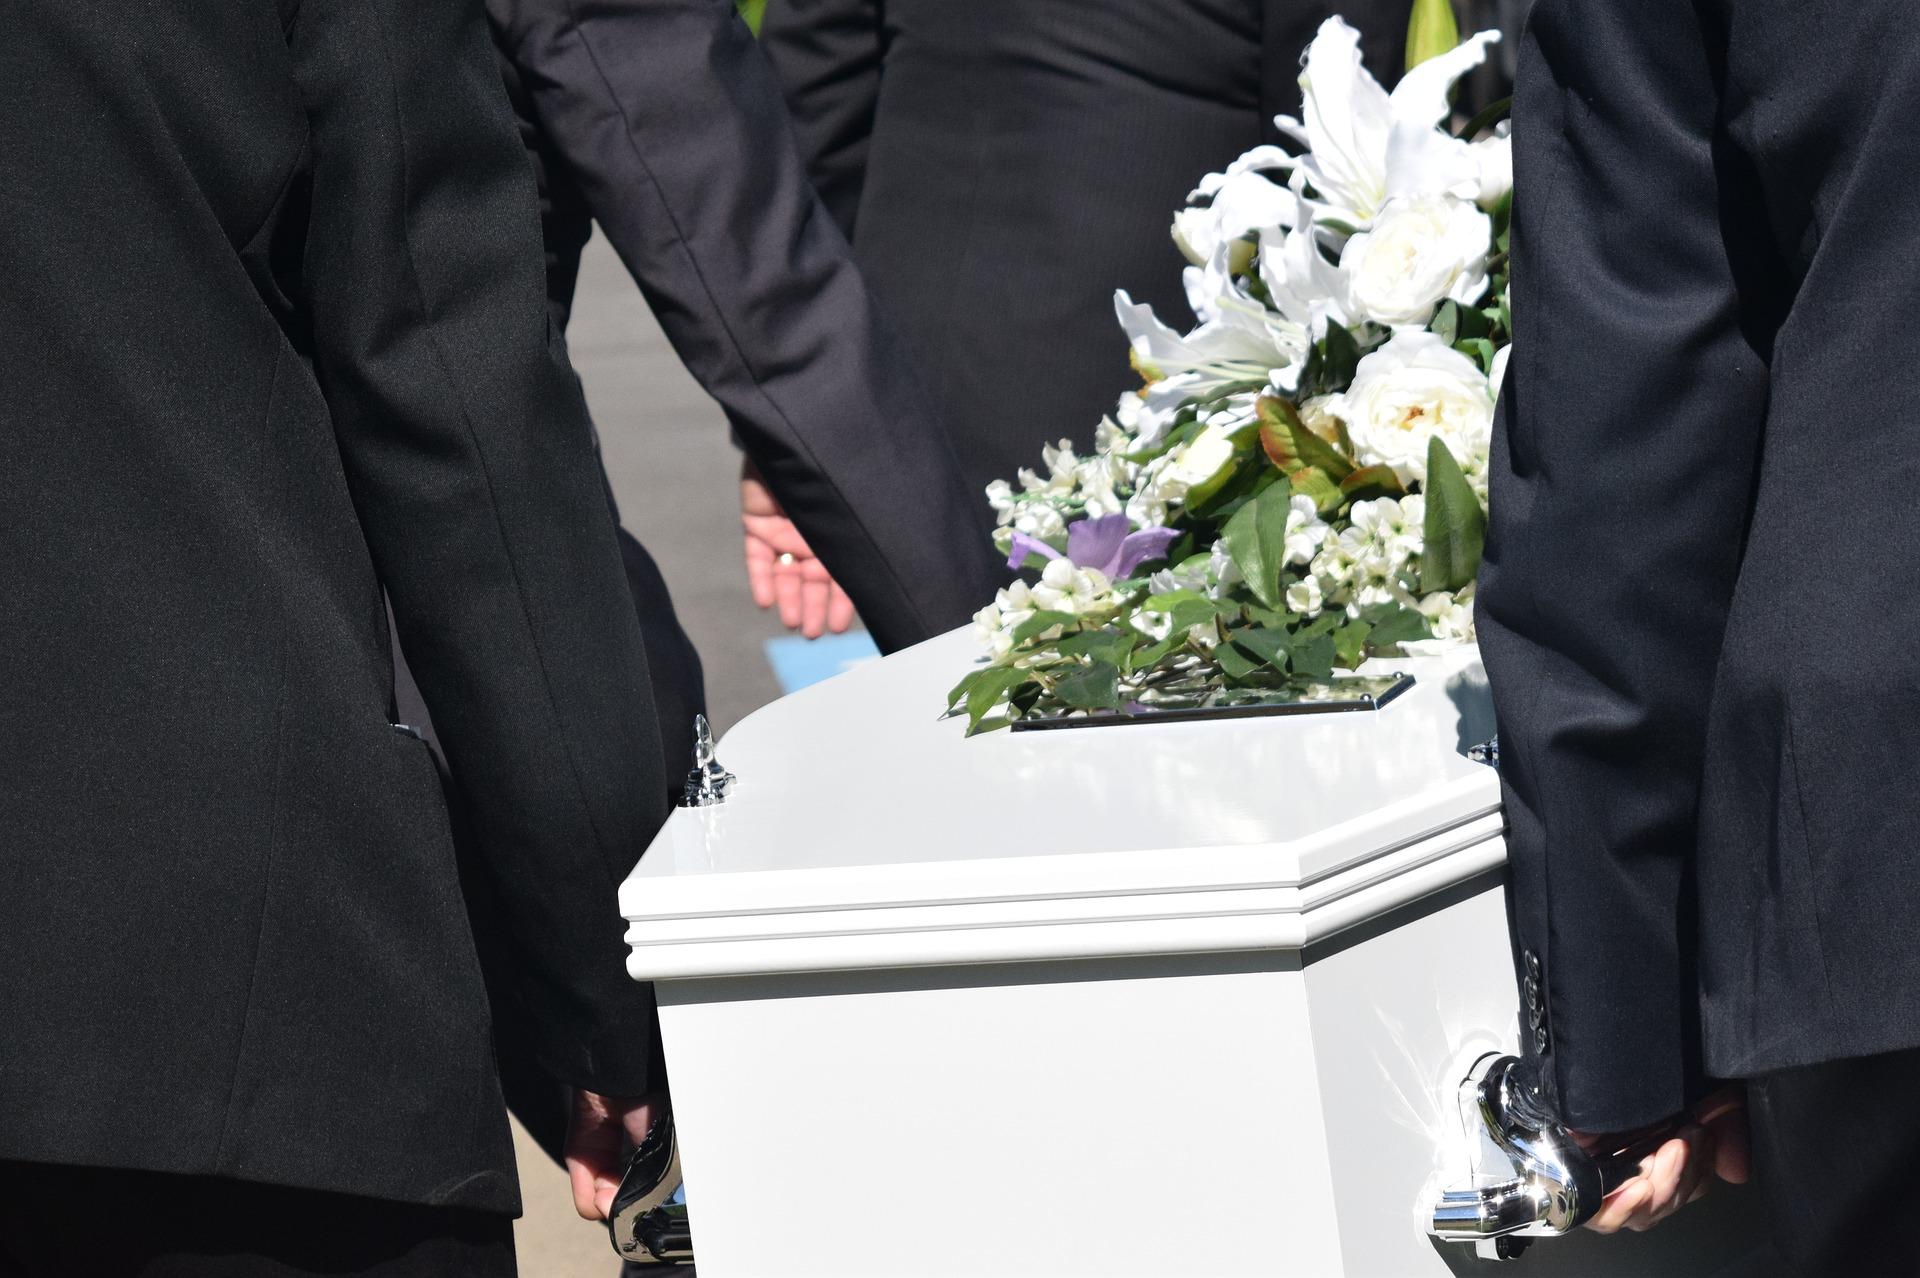 Wyższy zasiłek pogrzebowy w przypadku osób zakażonych koronawirusem?  - Zdjęcie główne